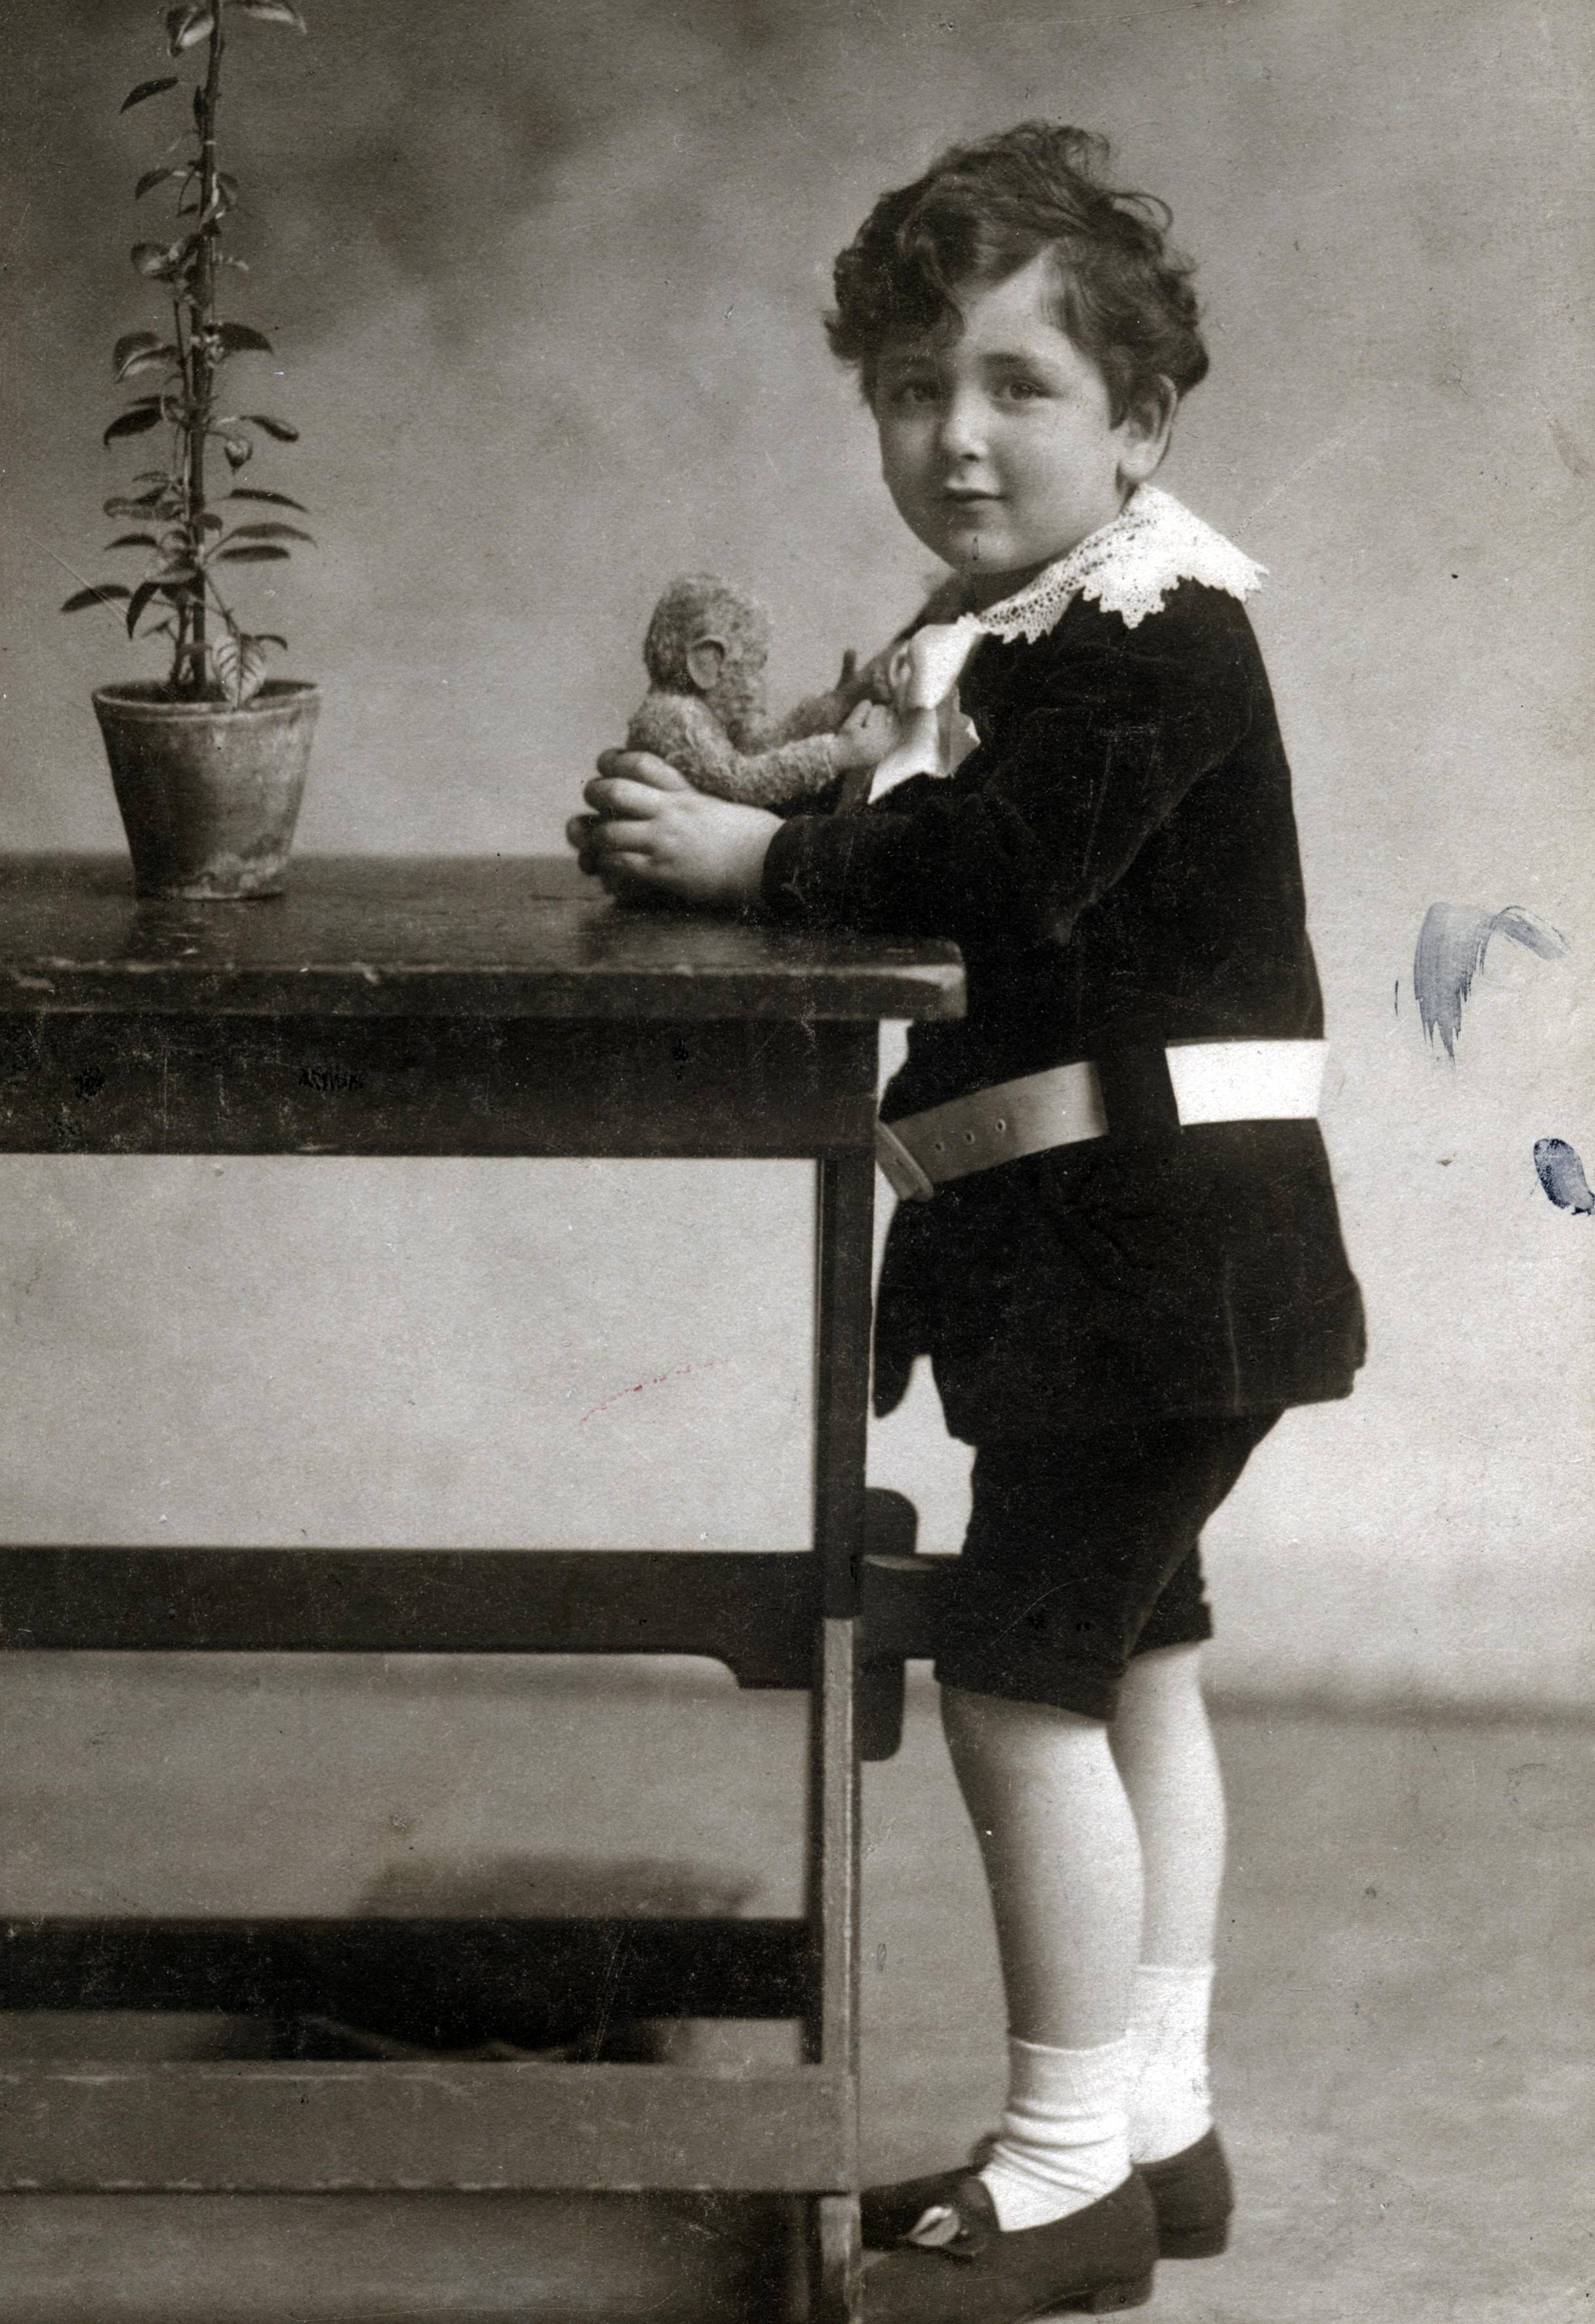 Timothy Smolkas Vater Peter als Fünfjähriger